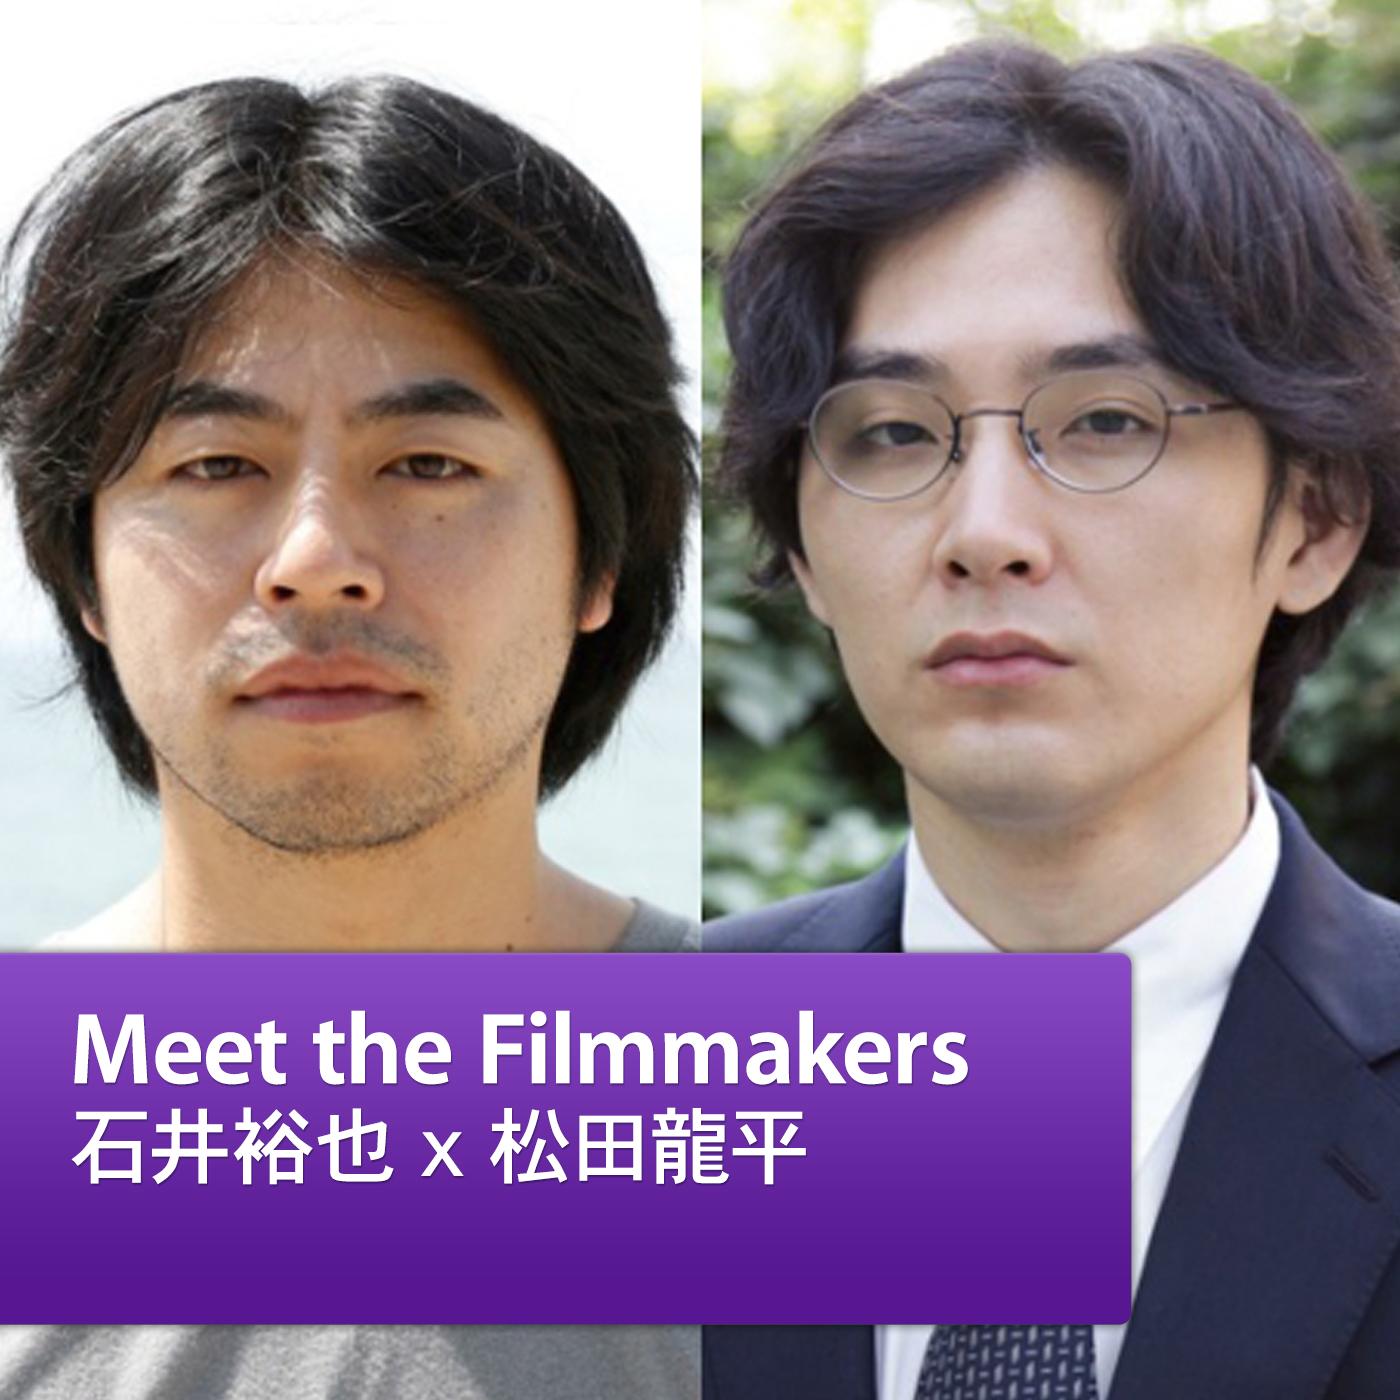 石井裕也x松田龍平: Meet the Filmmaker